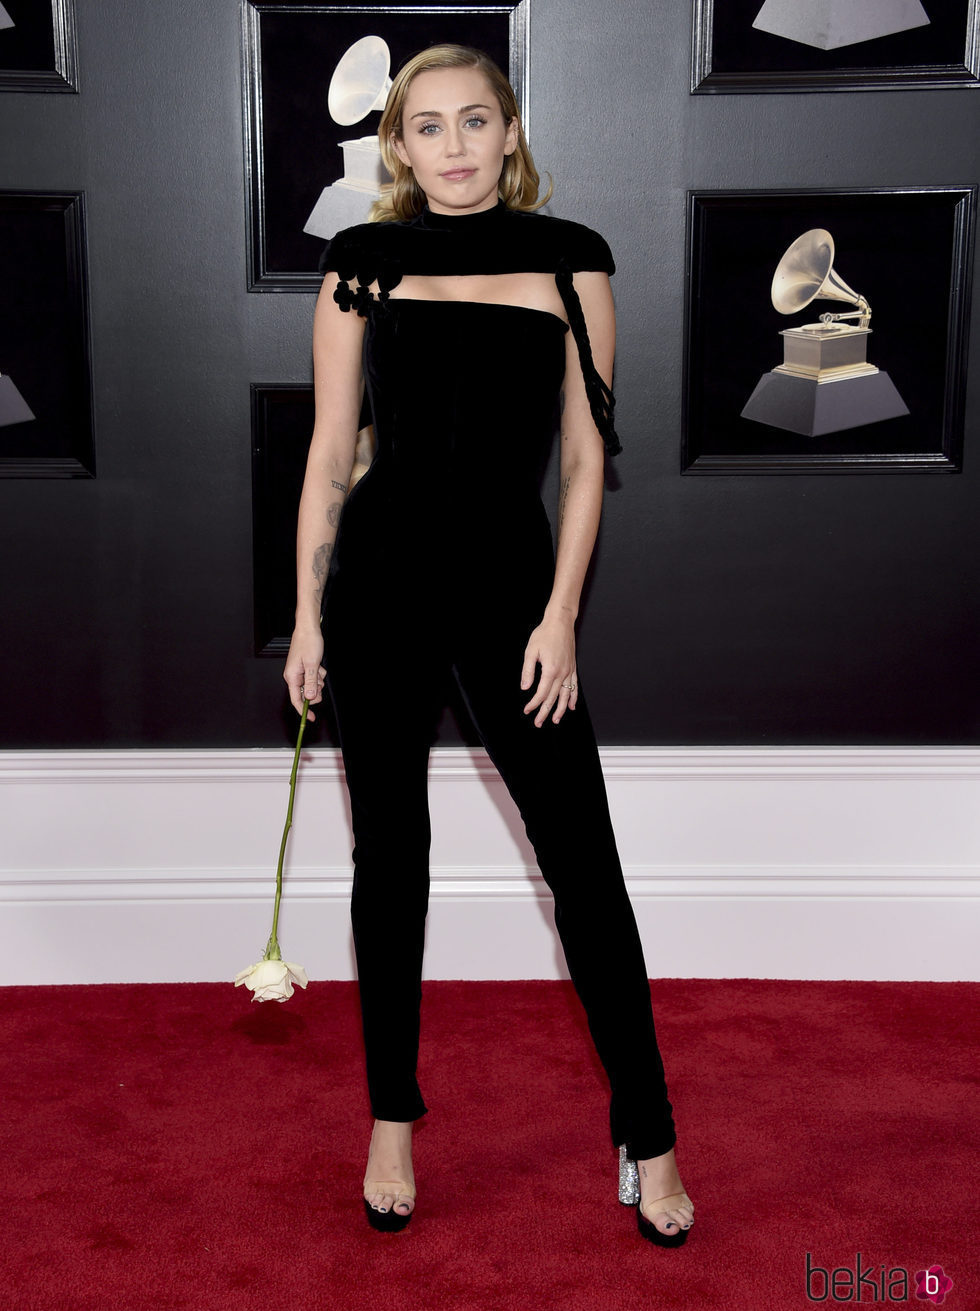 Miley Cyrus en la alfombra roja de los Premios Grammy 2018